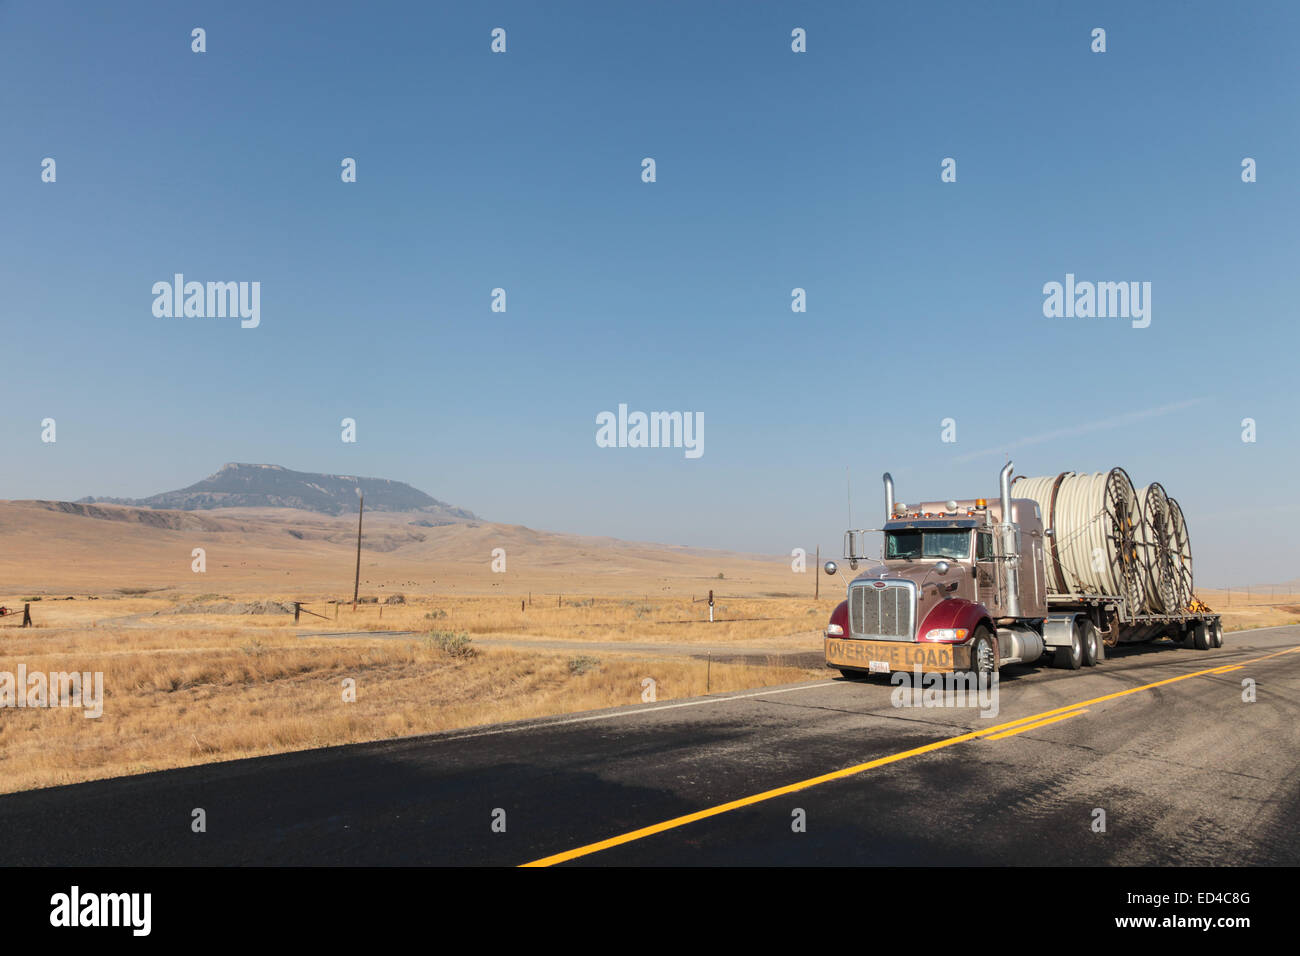 Un americano Peterbilt 379 semi camión que transporta los tambores de HDPE, tubo de plástico en un remolque Imagen De Stock